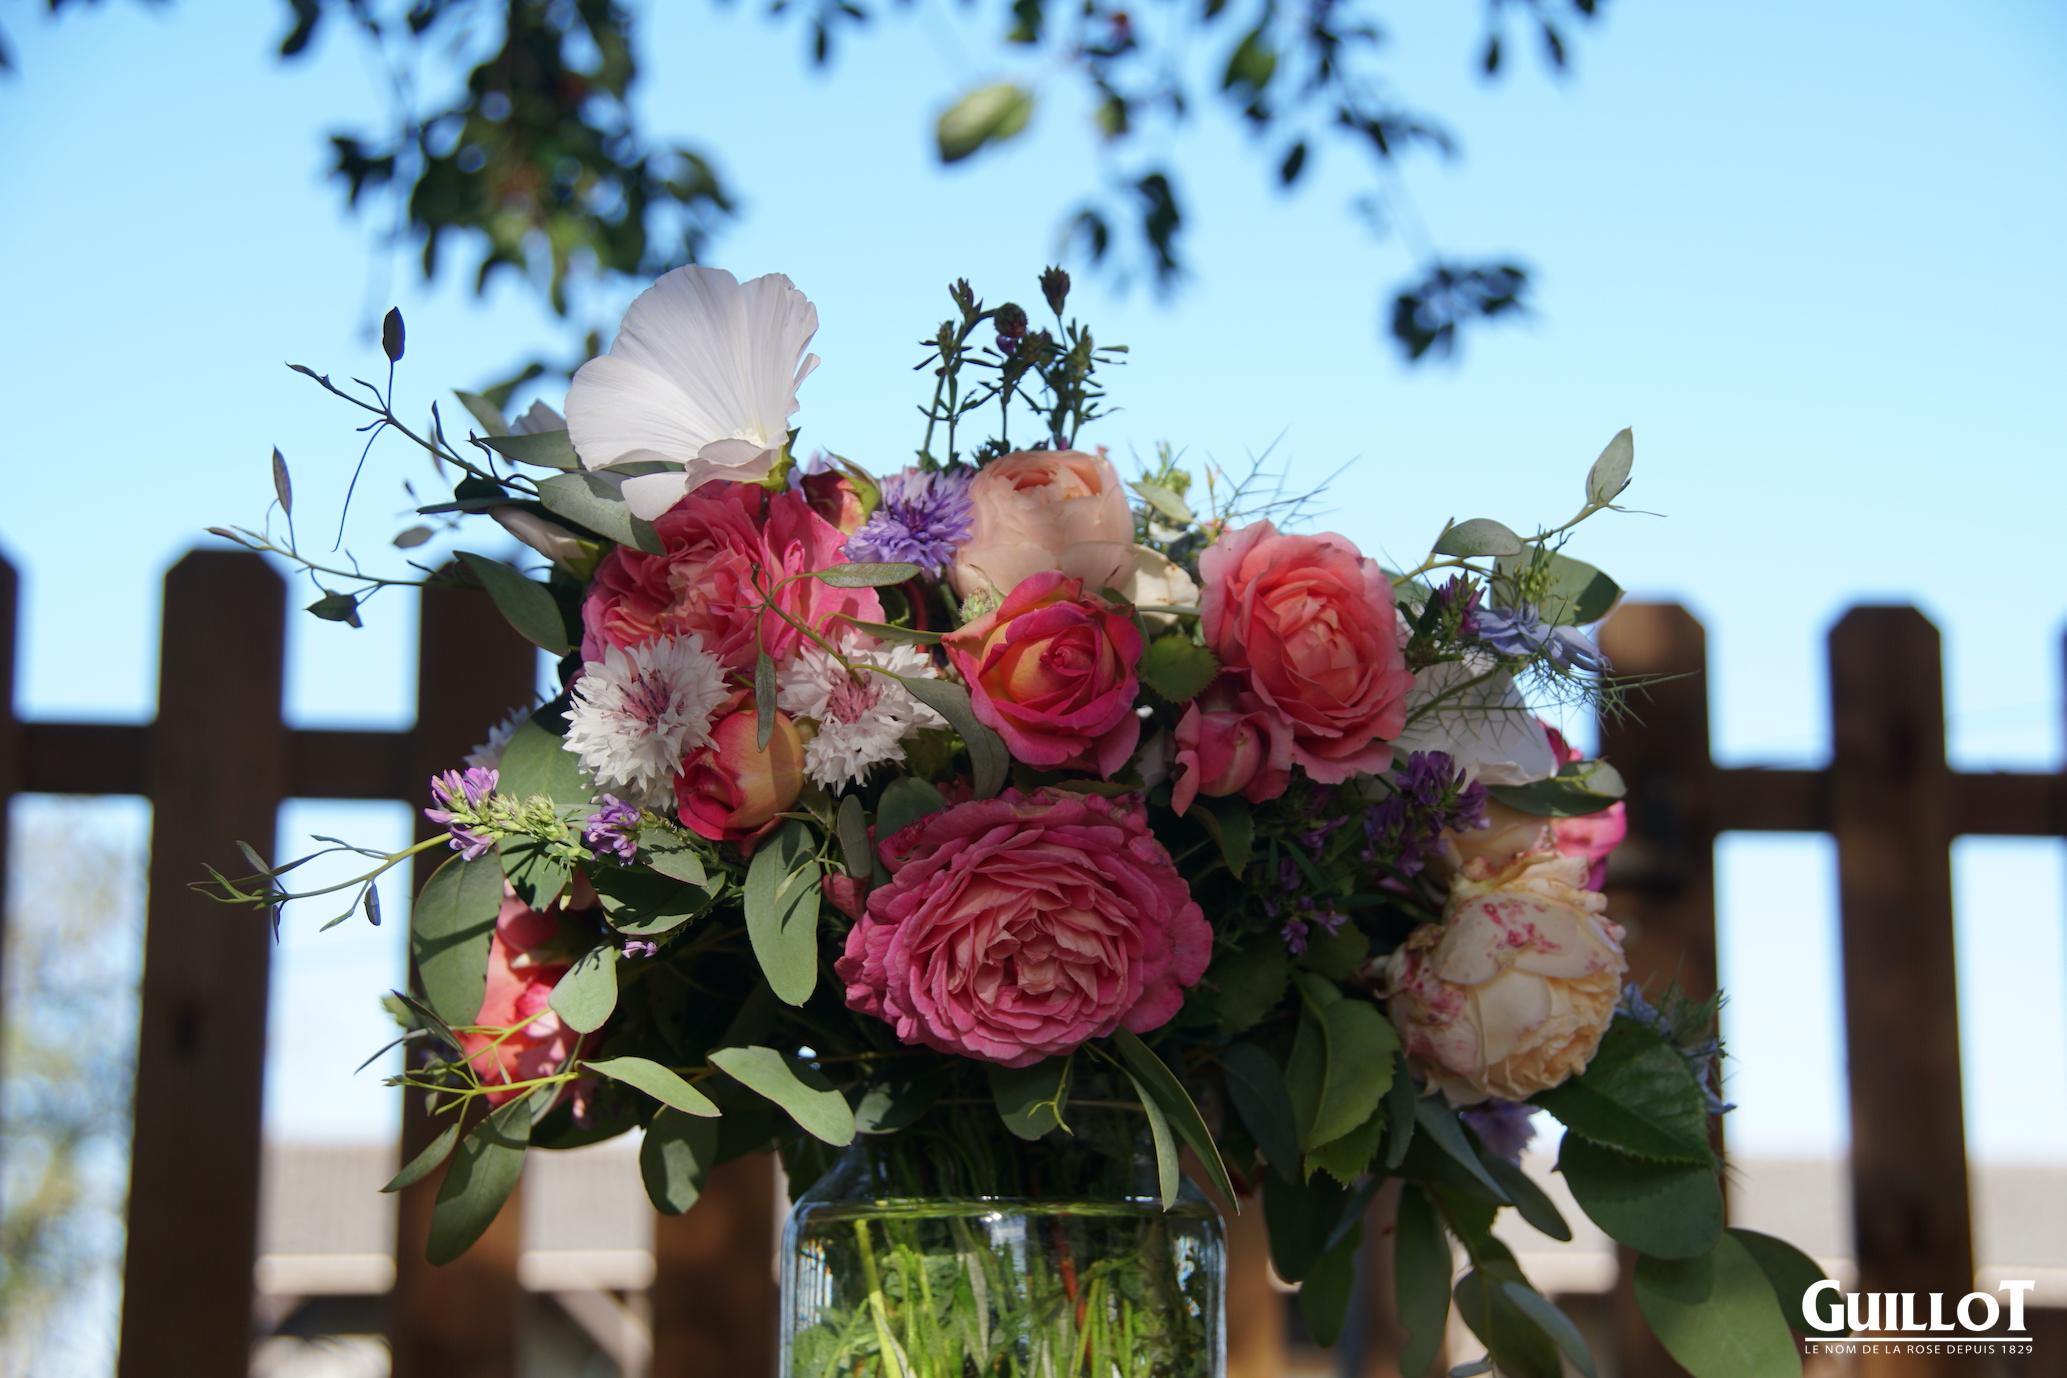 Bouquet de nouveautés 2021 - Roses Guillot®